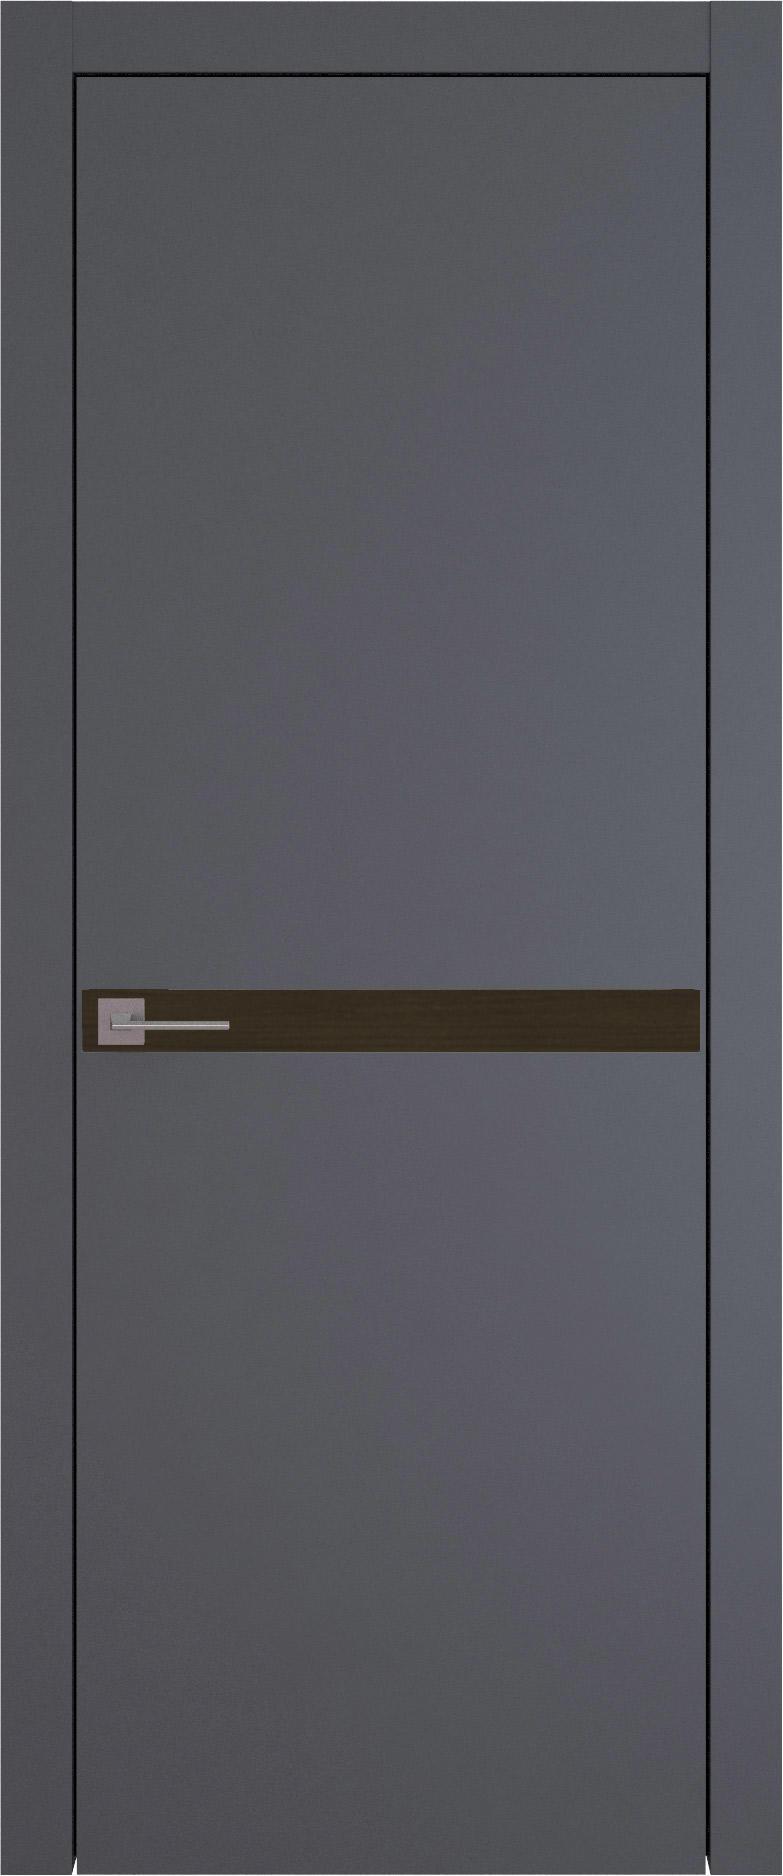 Tivoli Б-4 цвет - Графитово-серая эмаль (RAL 7024) Без стекла (ДГ)